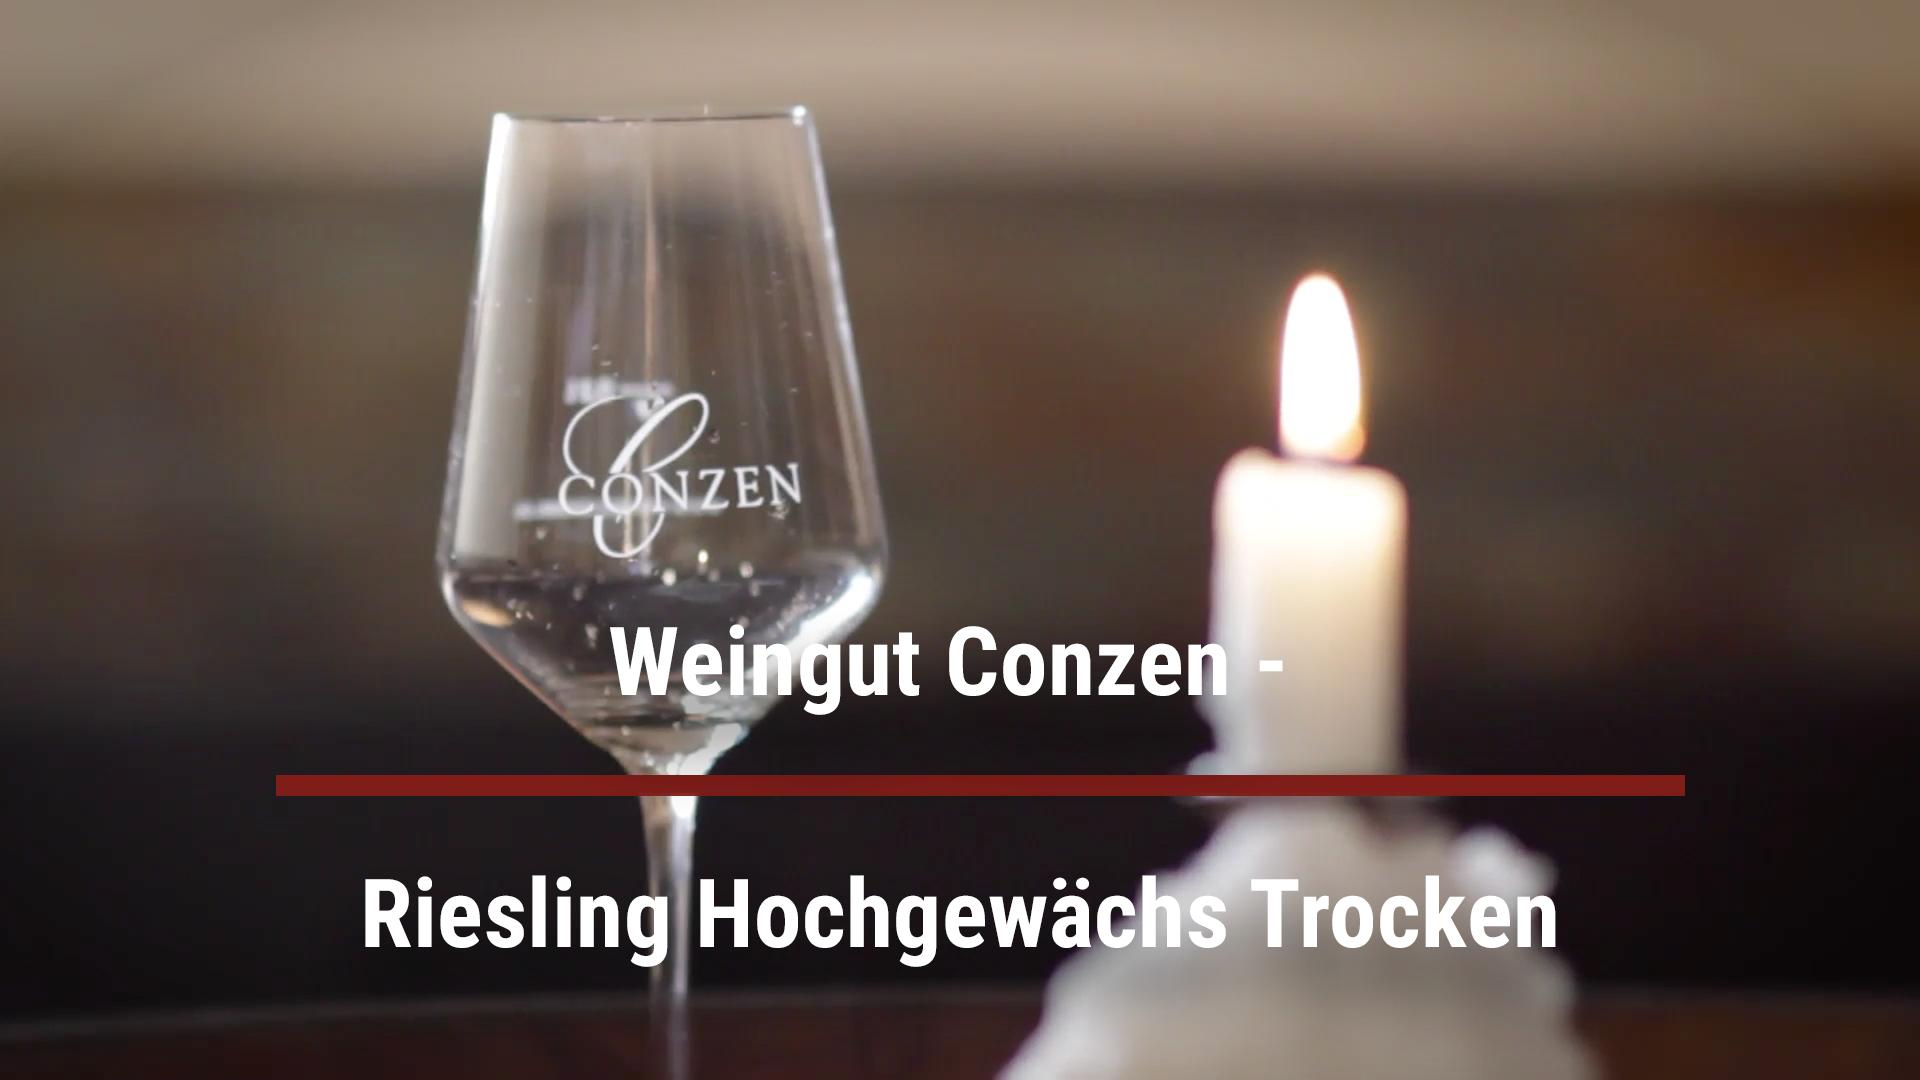 Weingut Conzen – Riesling Hochgewächs Trocken